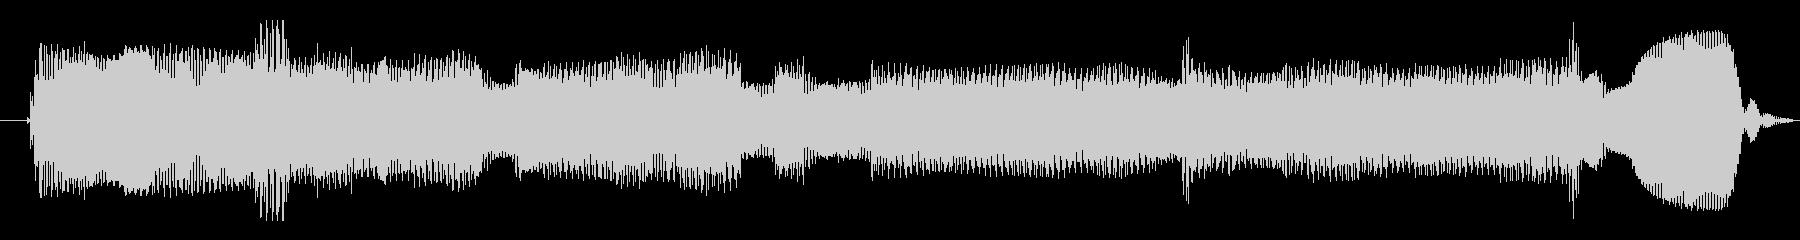 シンセサイザー 科学エイリアン01の未再生の波形